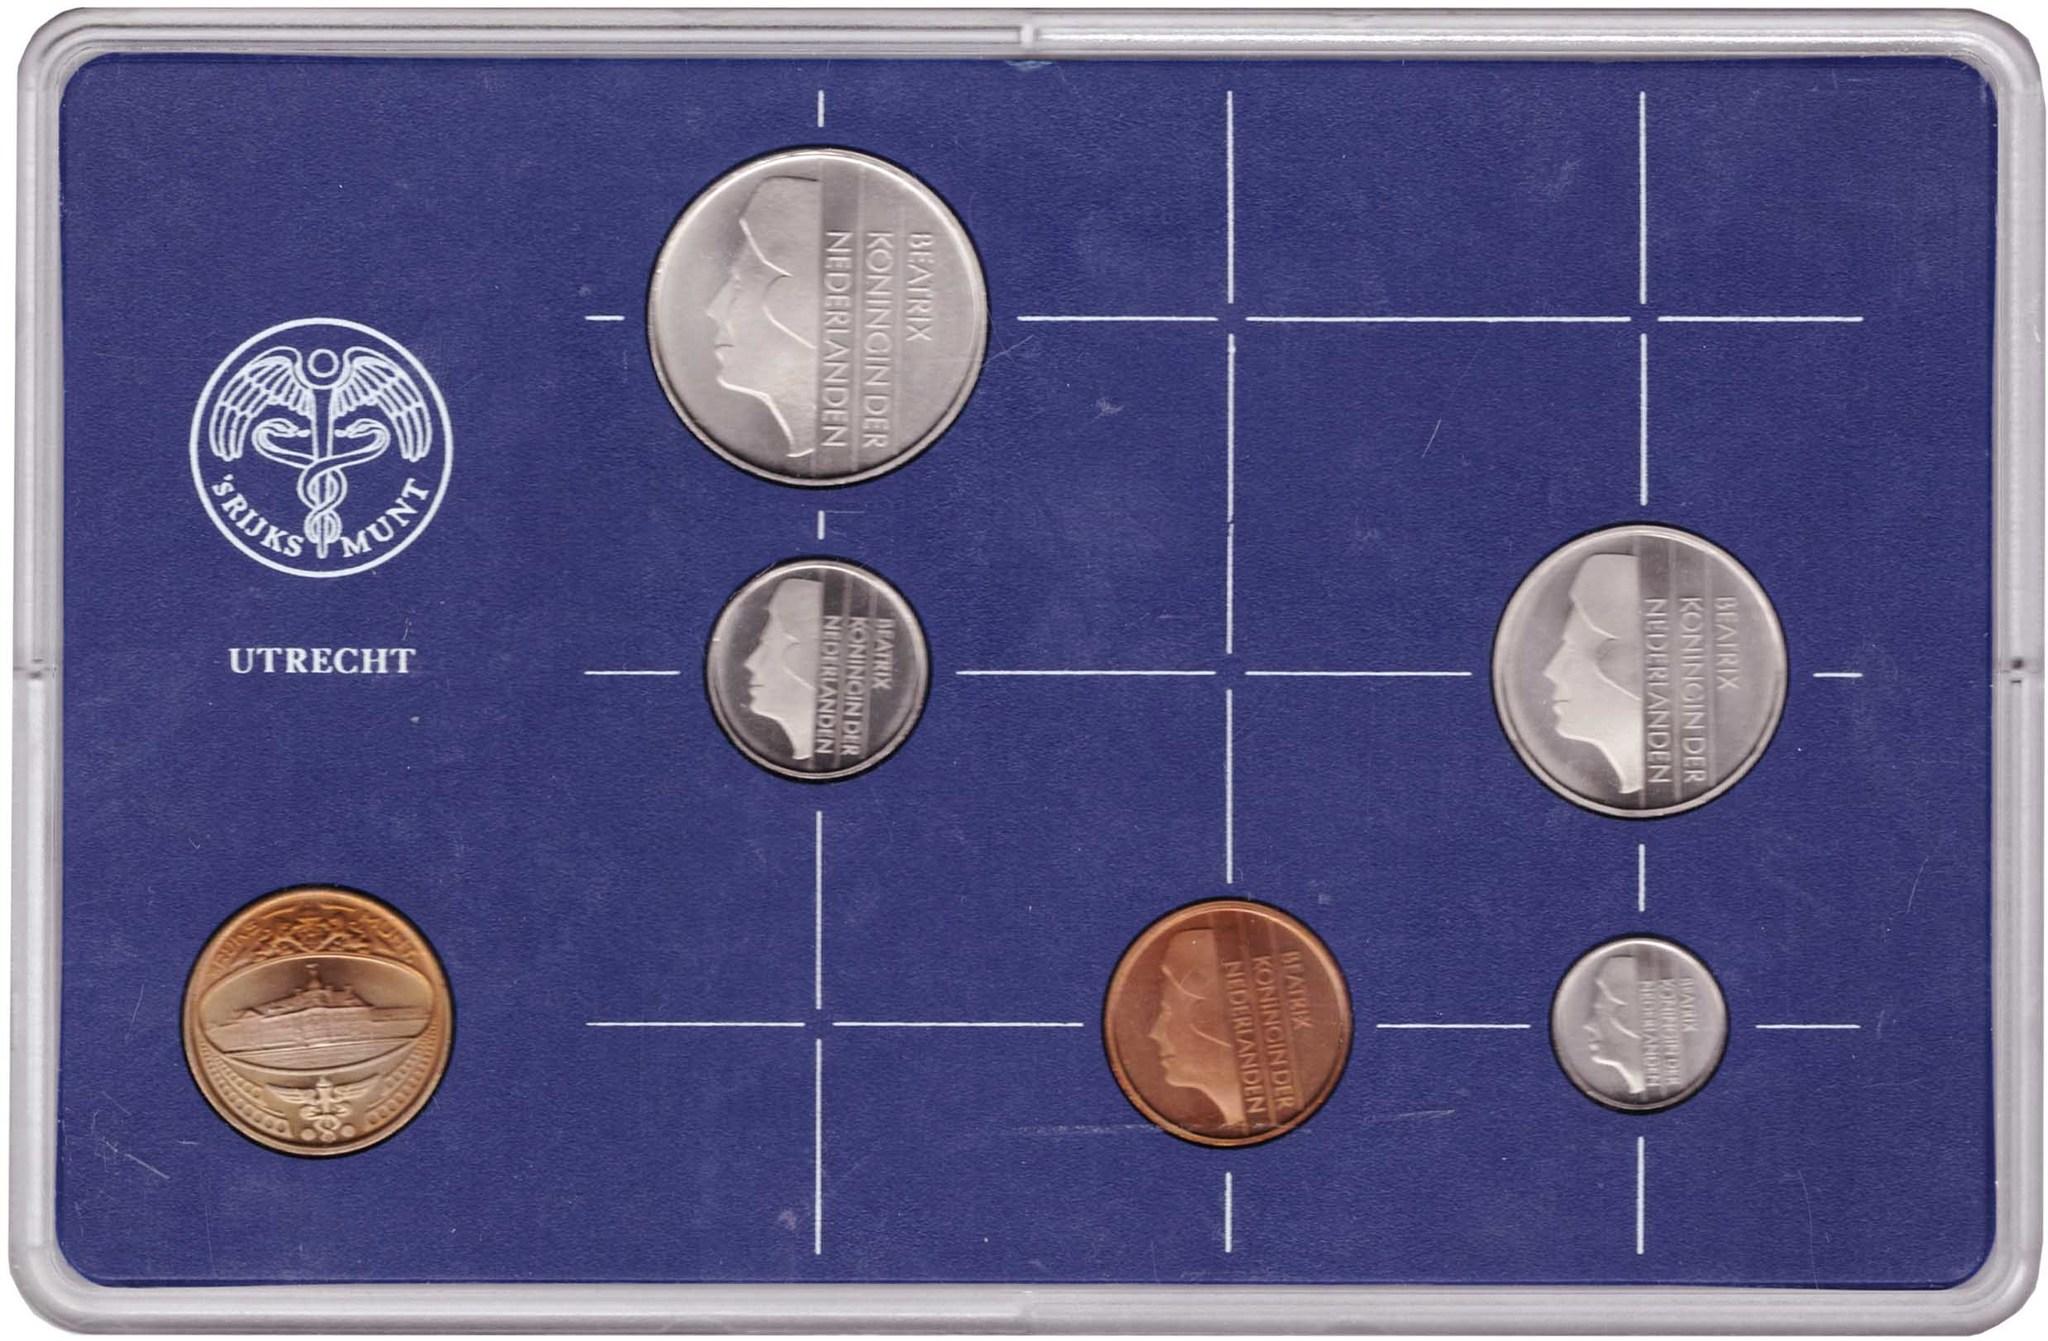 Набор монет Нидерландов 1986 UNC в пластиковой упаковке